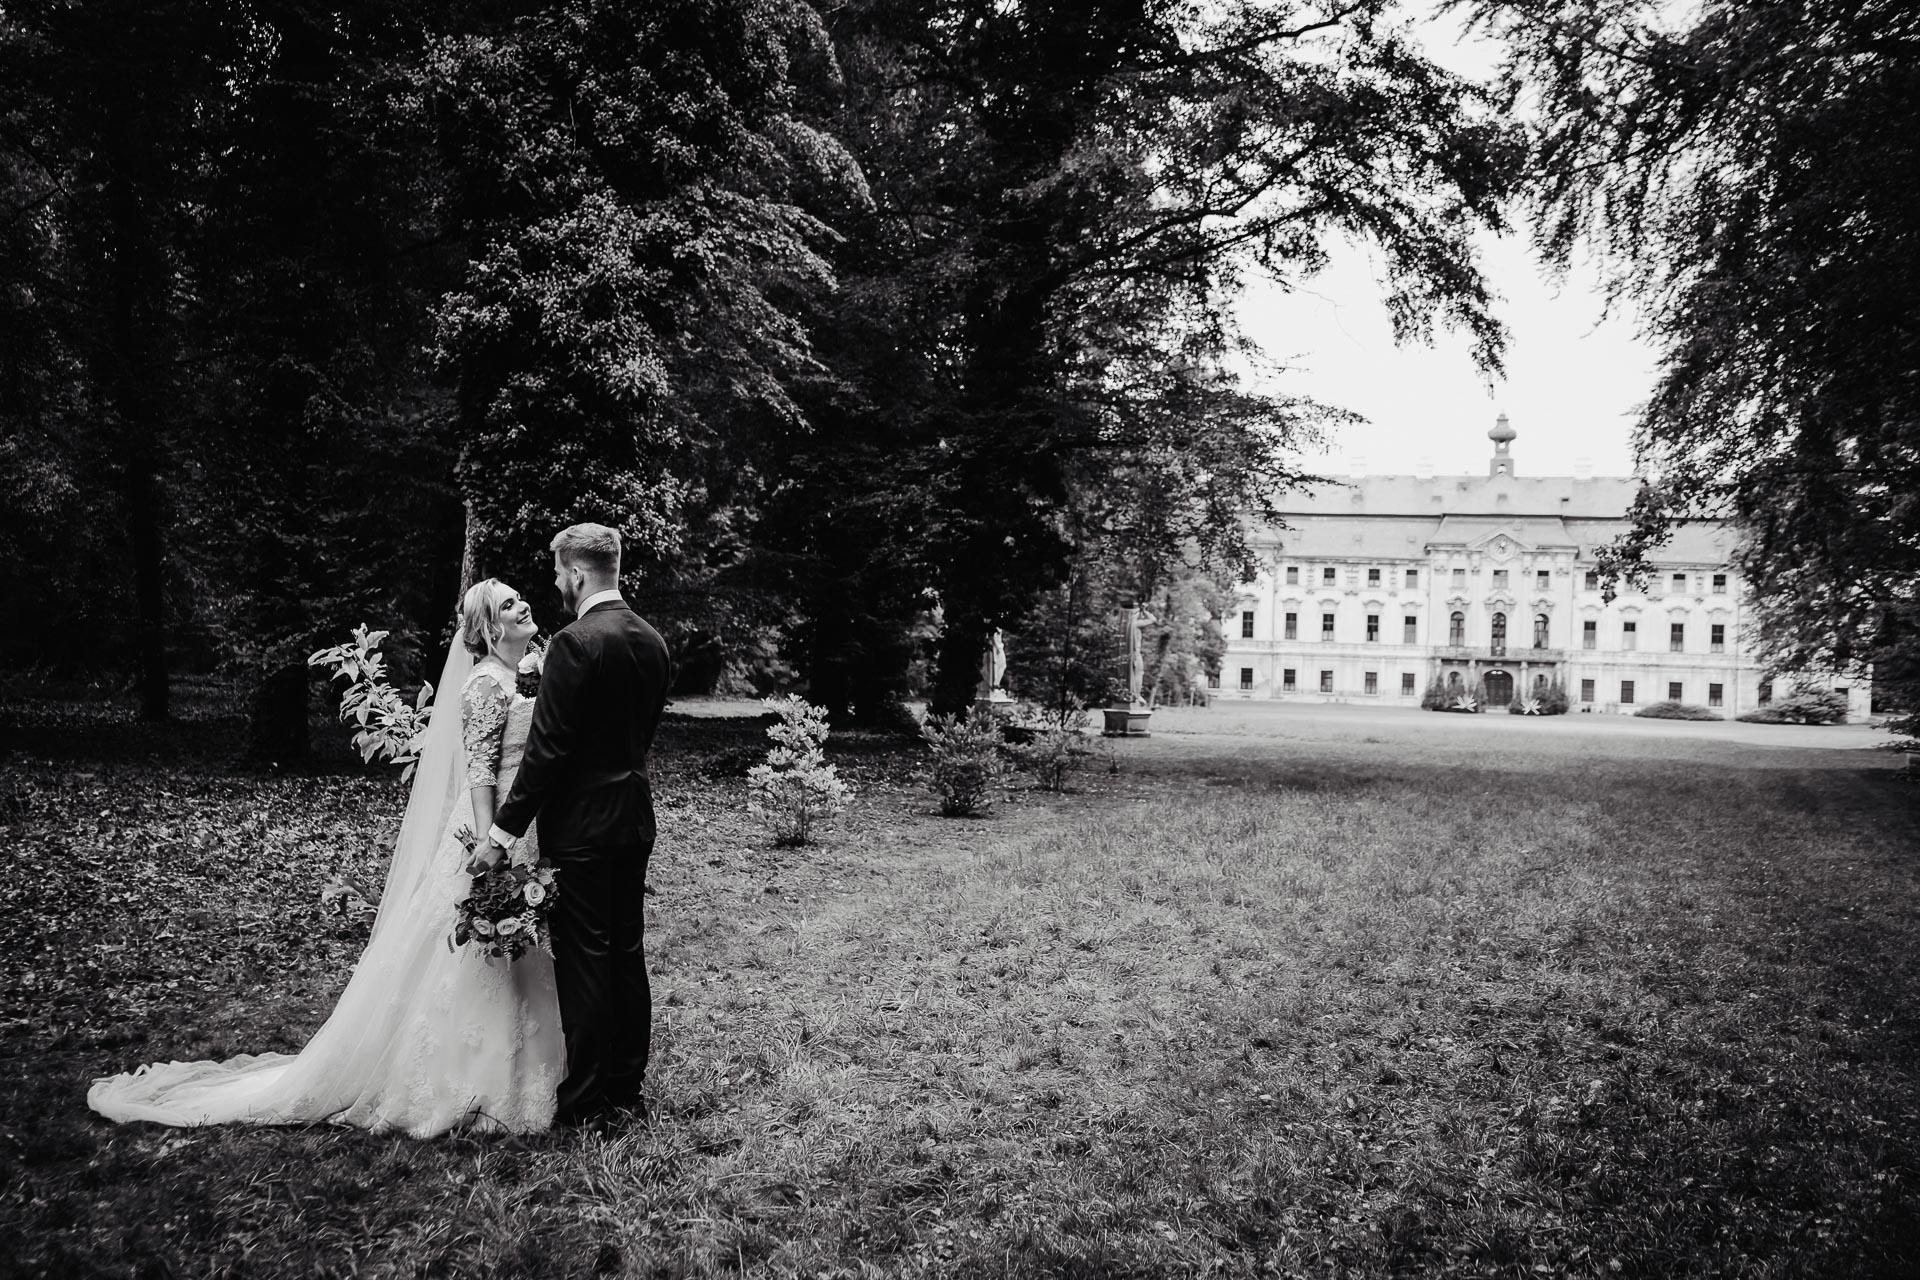 Svatební-fotograf-zámecký-park-Měšice-Svatba-Měšice-u-Prahy-7466